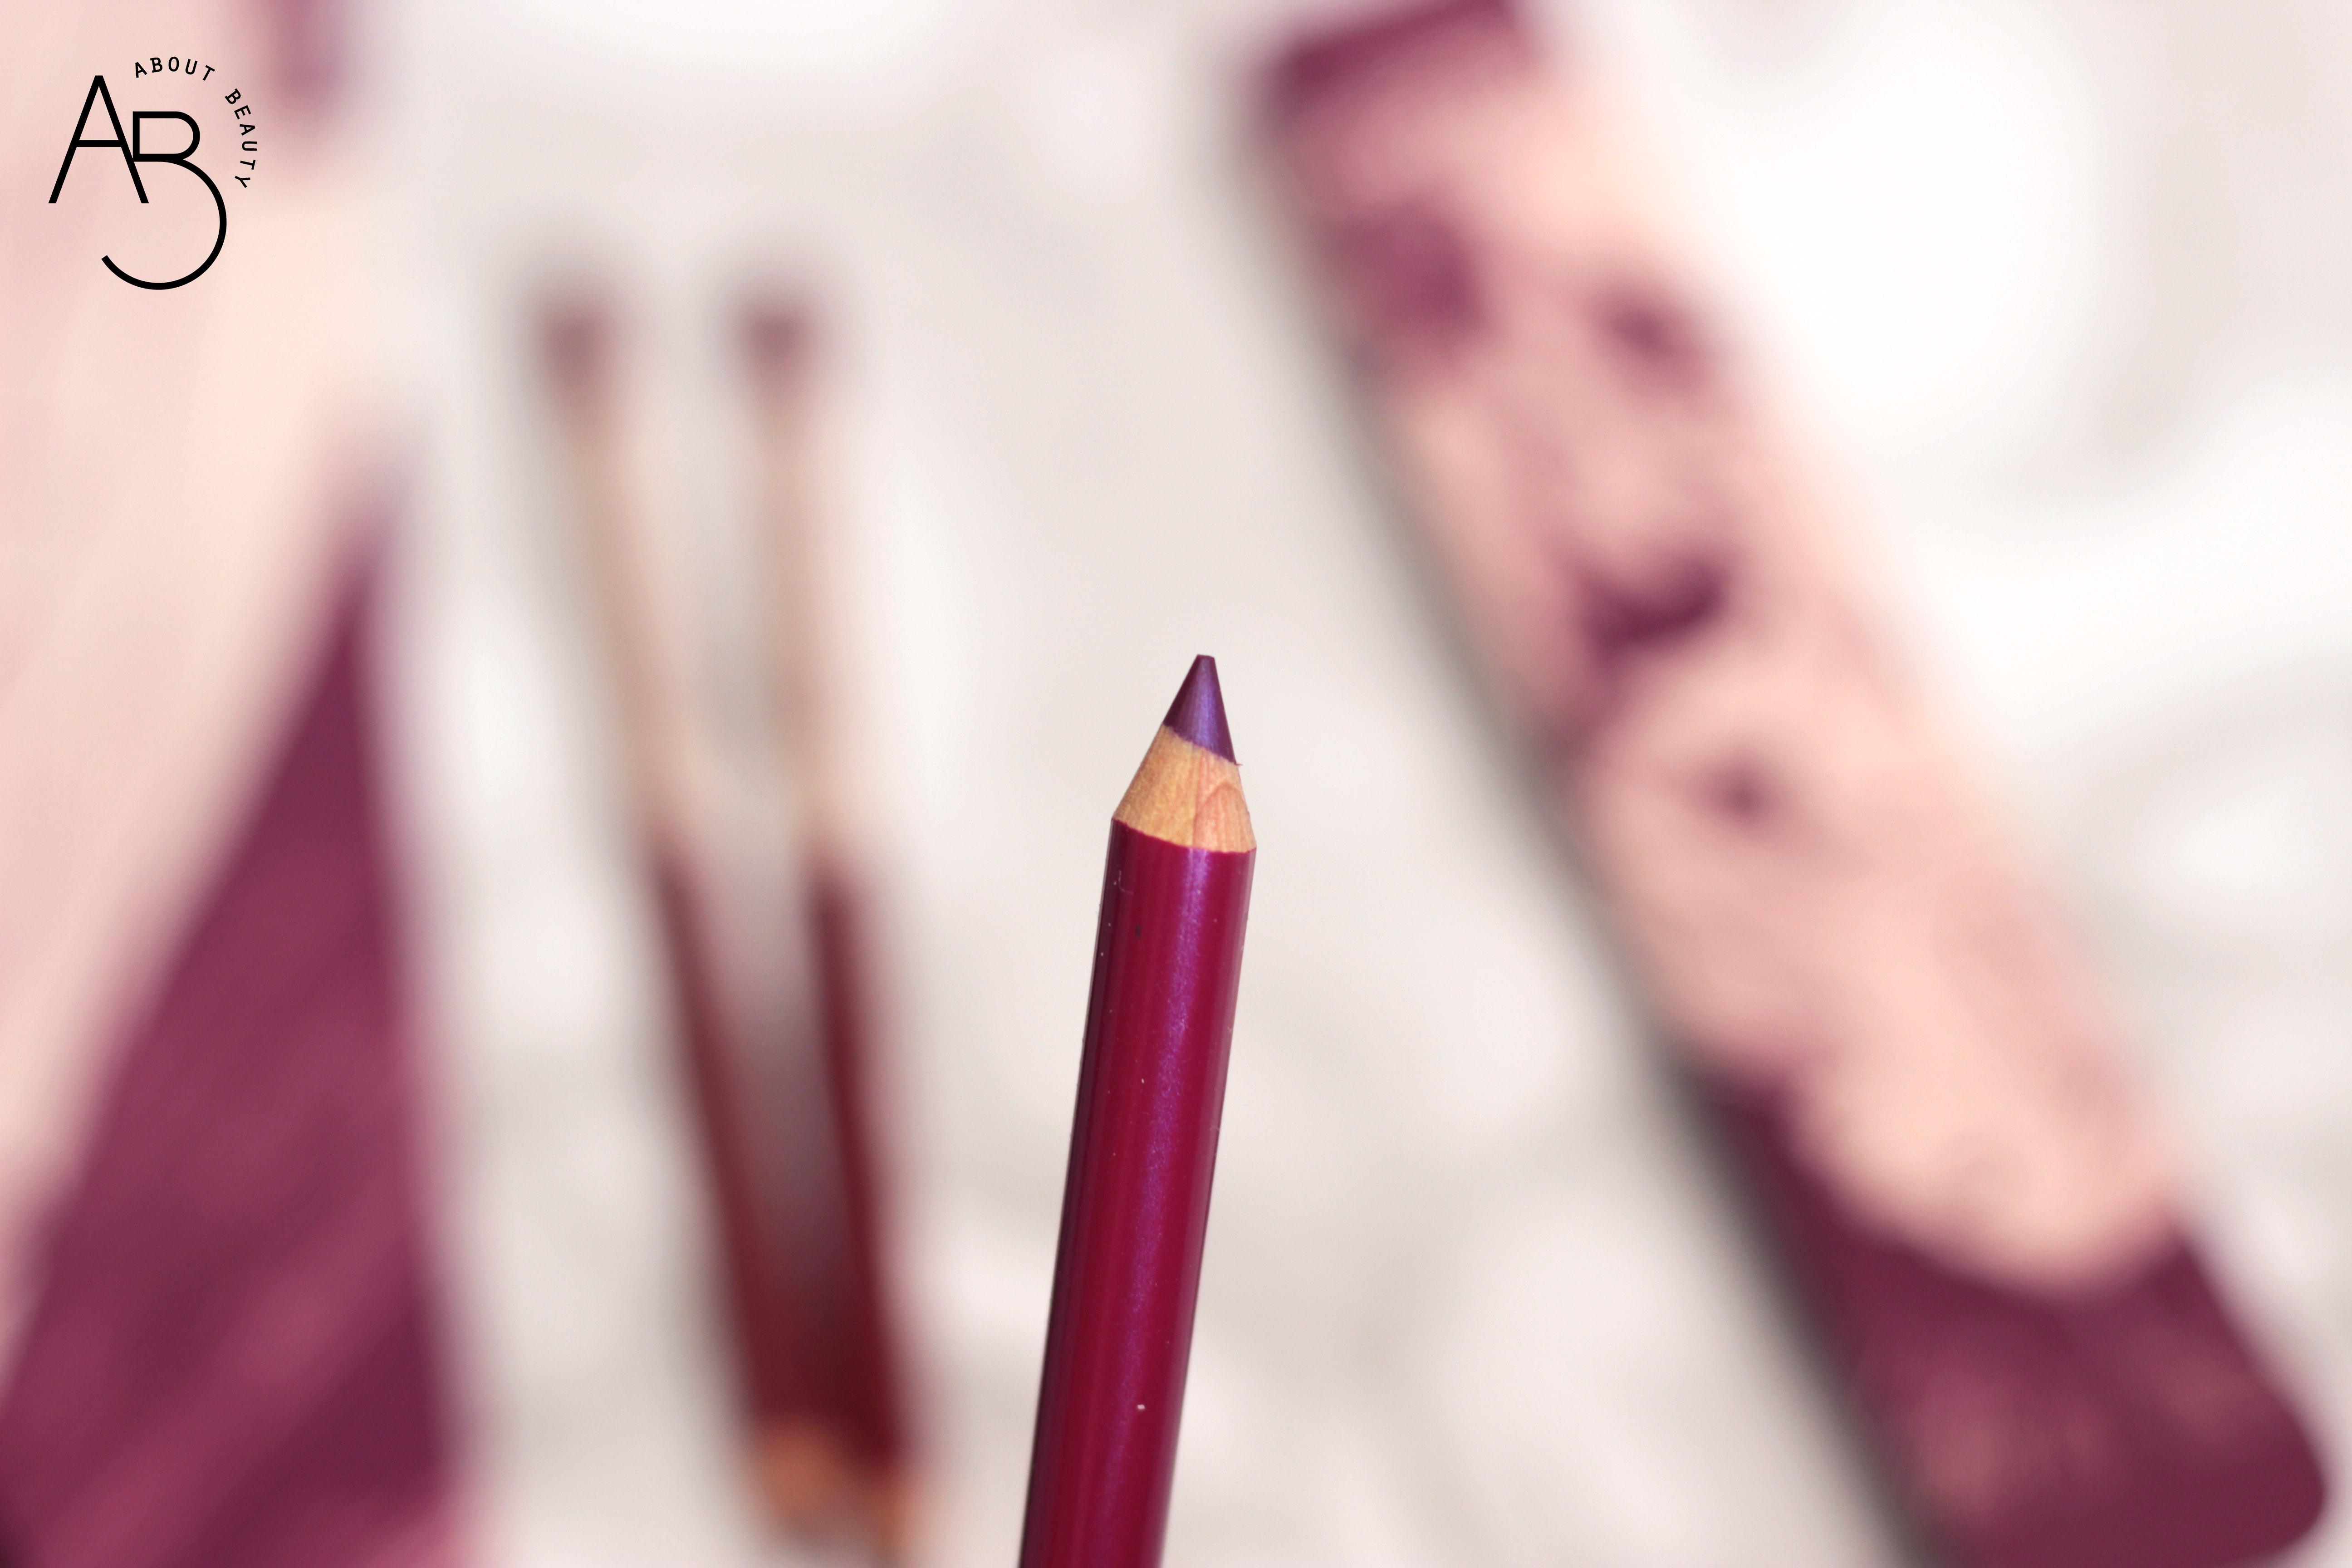 Neve Cosmetics Superheroine Collection - Matite pastello labbra lipliner - Info, review, recensione, prezzo, swatch, dove acquistare - Trance